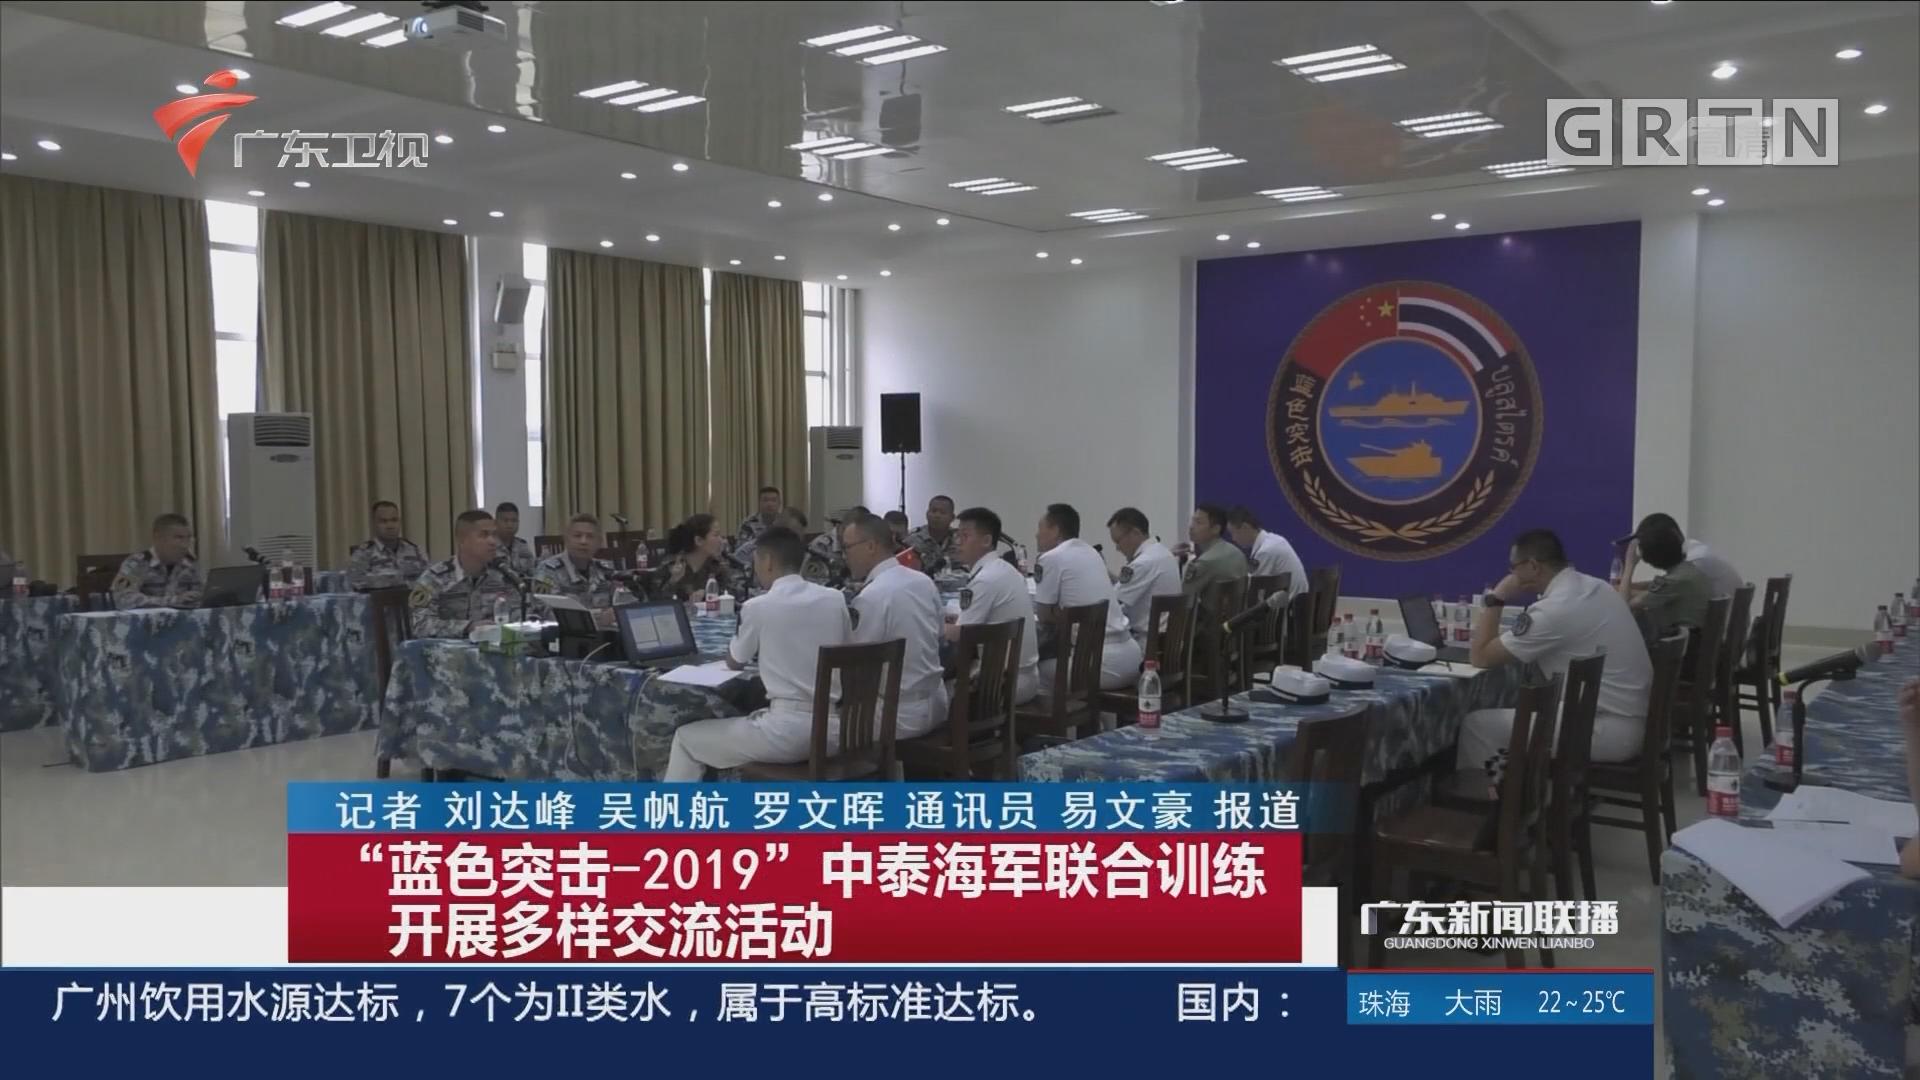 """""""蓝色突击—2019""""中泰海军联合训练 开展多样交流活动"""